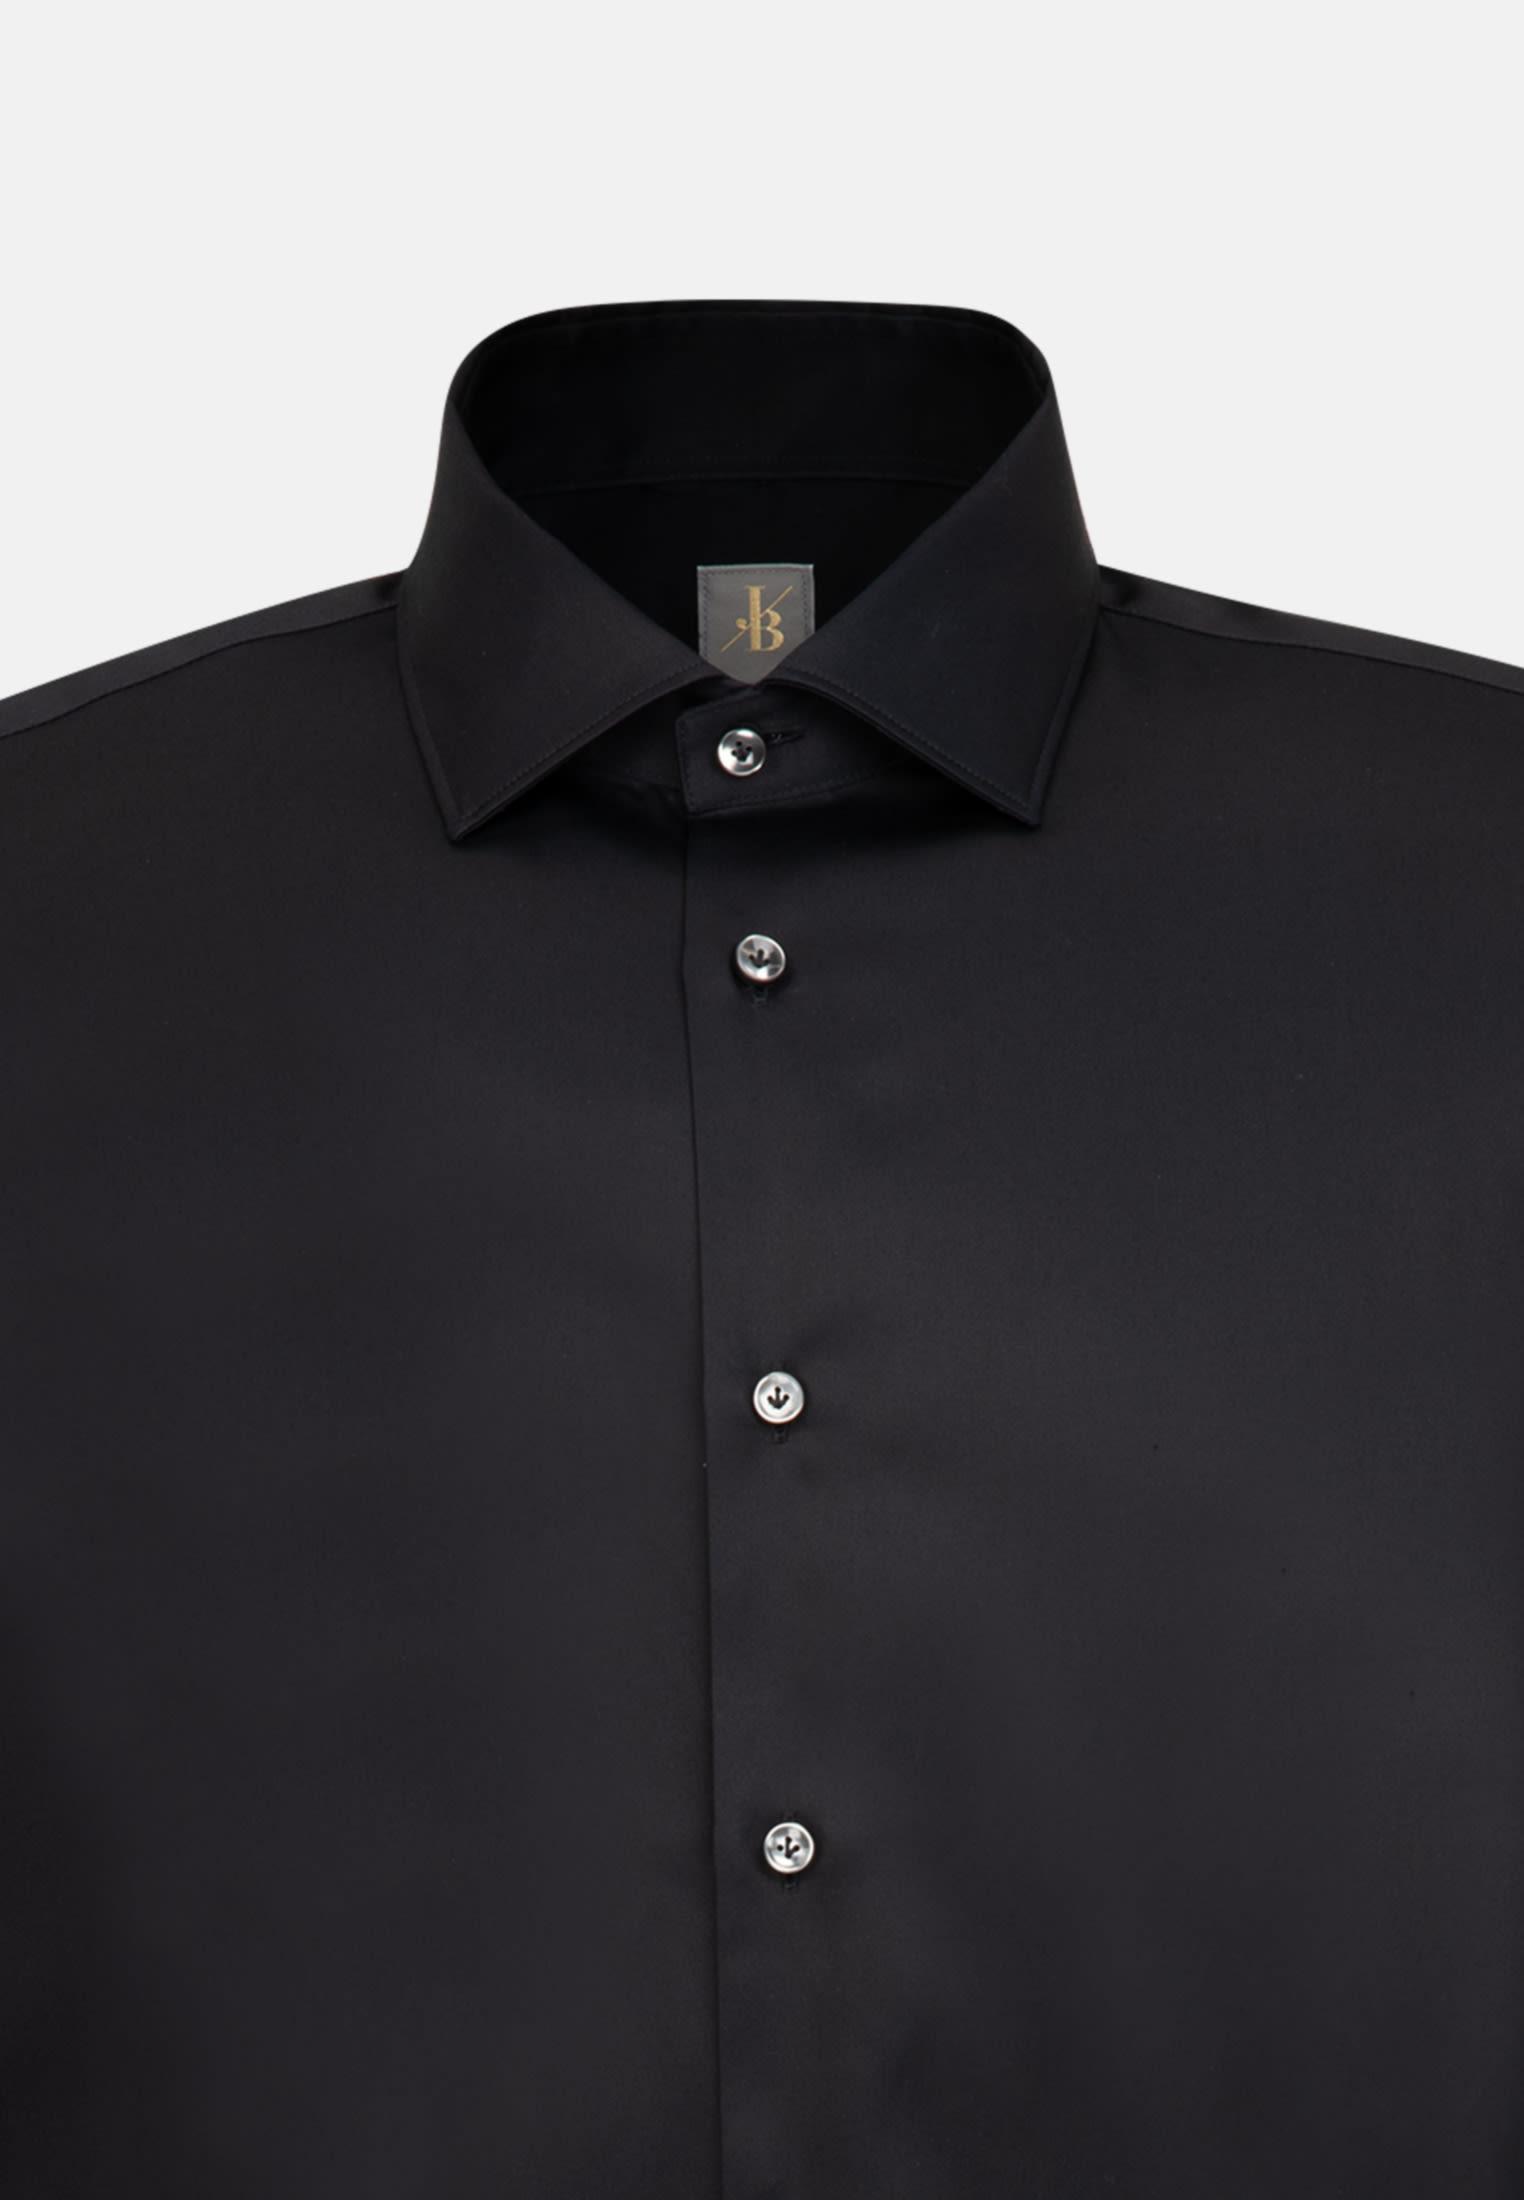 Satin Business Hemd in Custom Fit mit Kentkragen und extra langem Arm in Schwarz    Jacques Britt Onlineshop